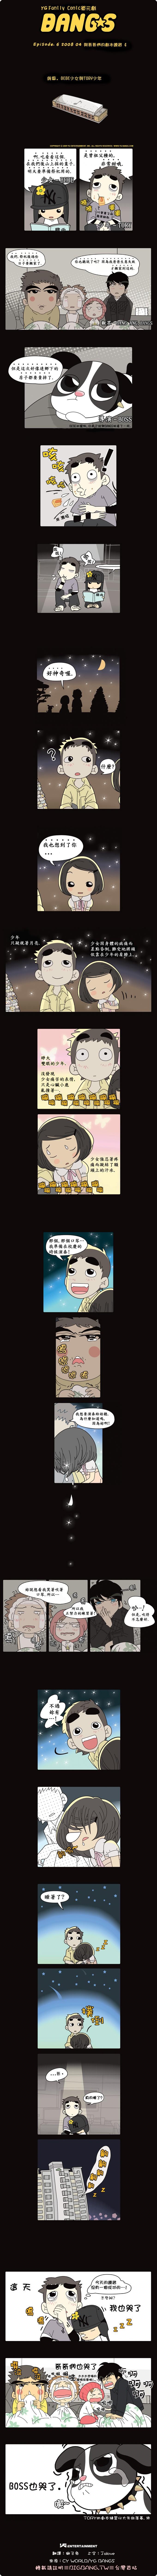 中譯 20090617_Episode 6_200804 與哥哥們的劇本練習 終幕 049.jpg